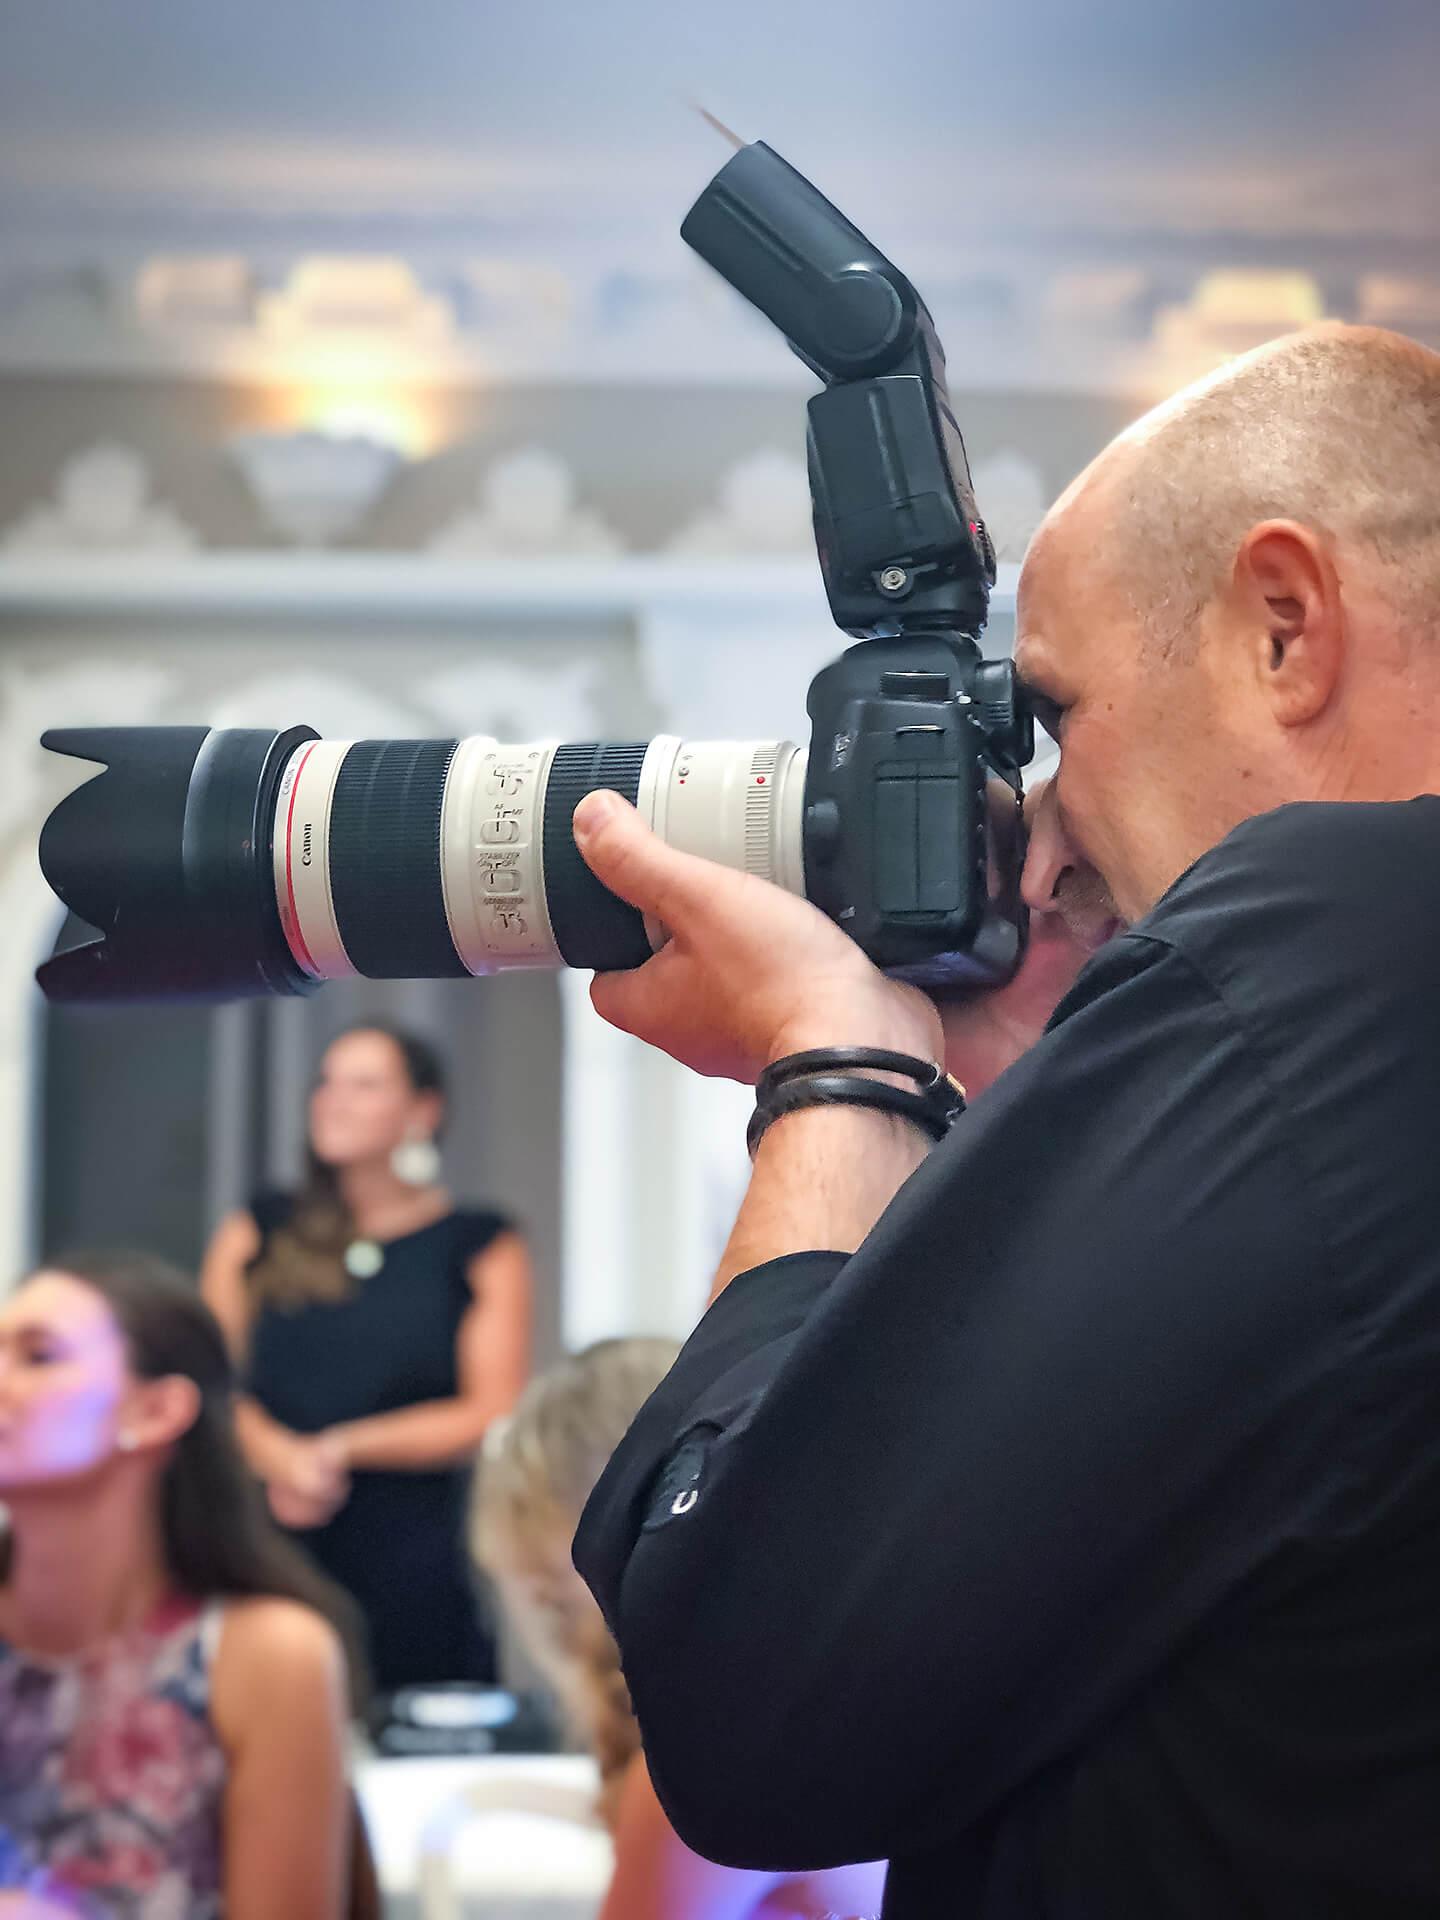 Eventfotograf Florian Laeufer auf der Pronovias Brautmodenschau bei Laue Festgarderobe